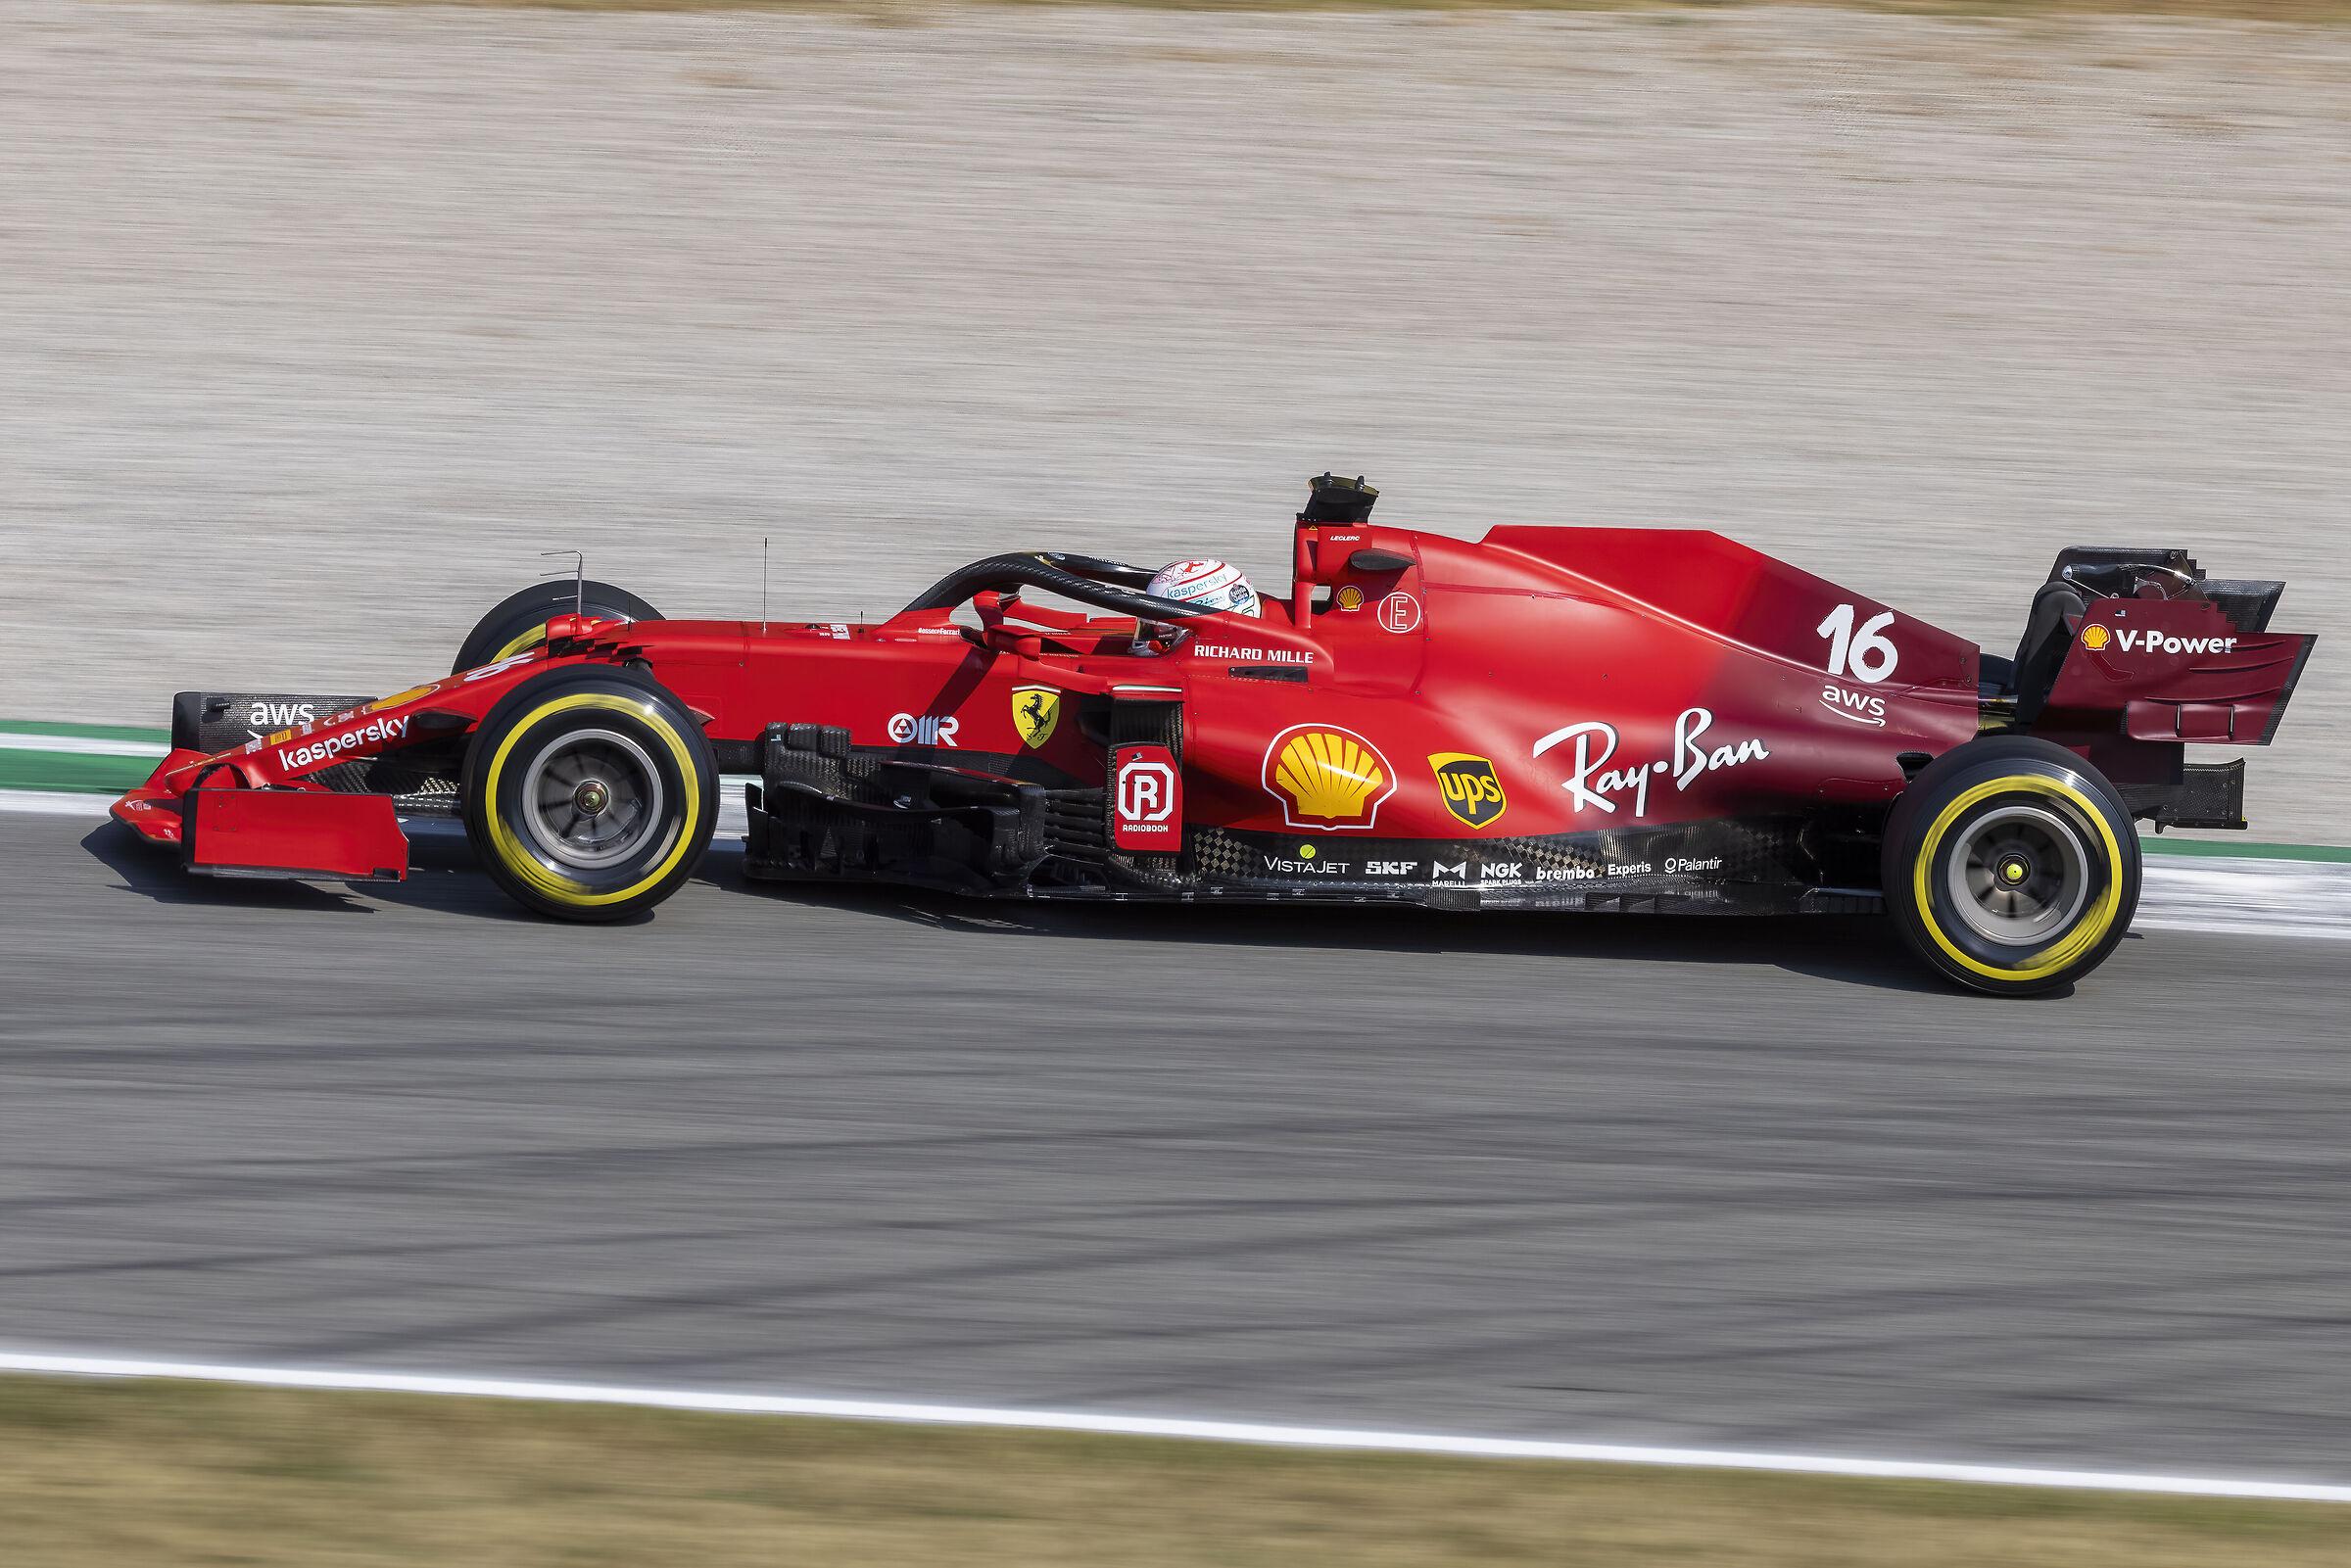 Ferrari sF21 - Leclerc...